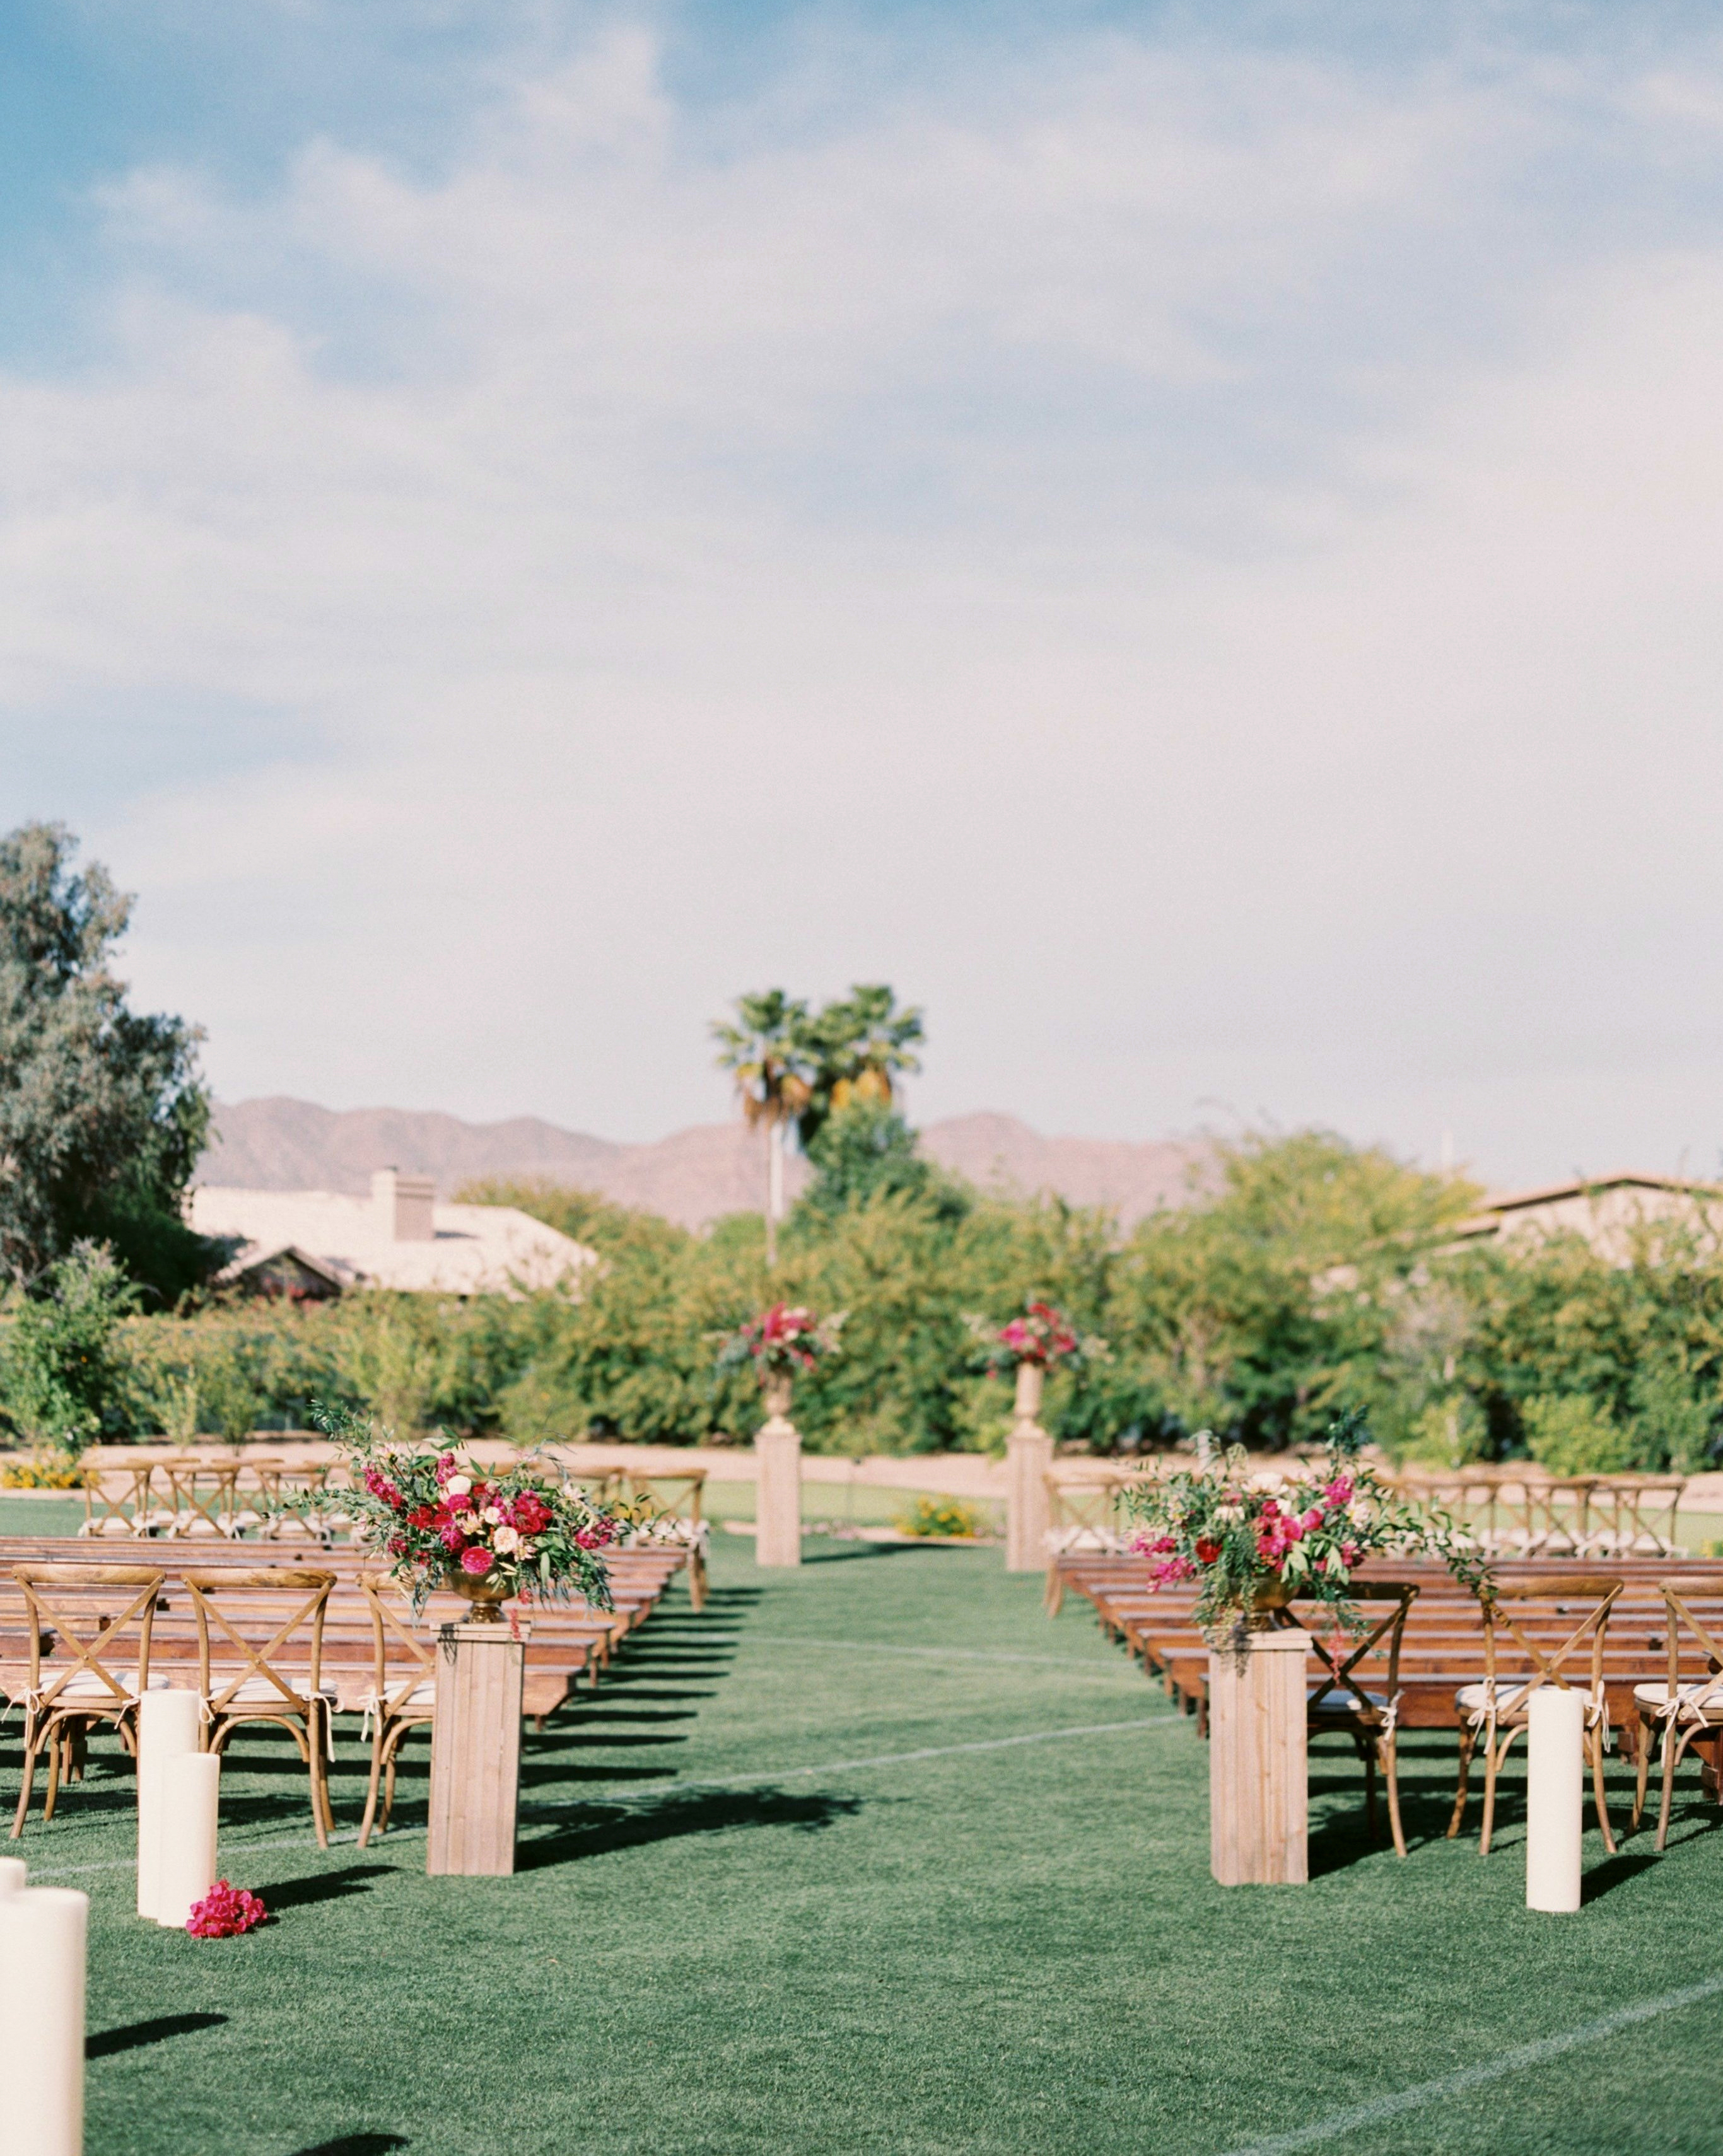 jessejo-daniel-wedding-ceremony-160-s112302-1015.jpg